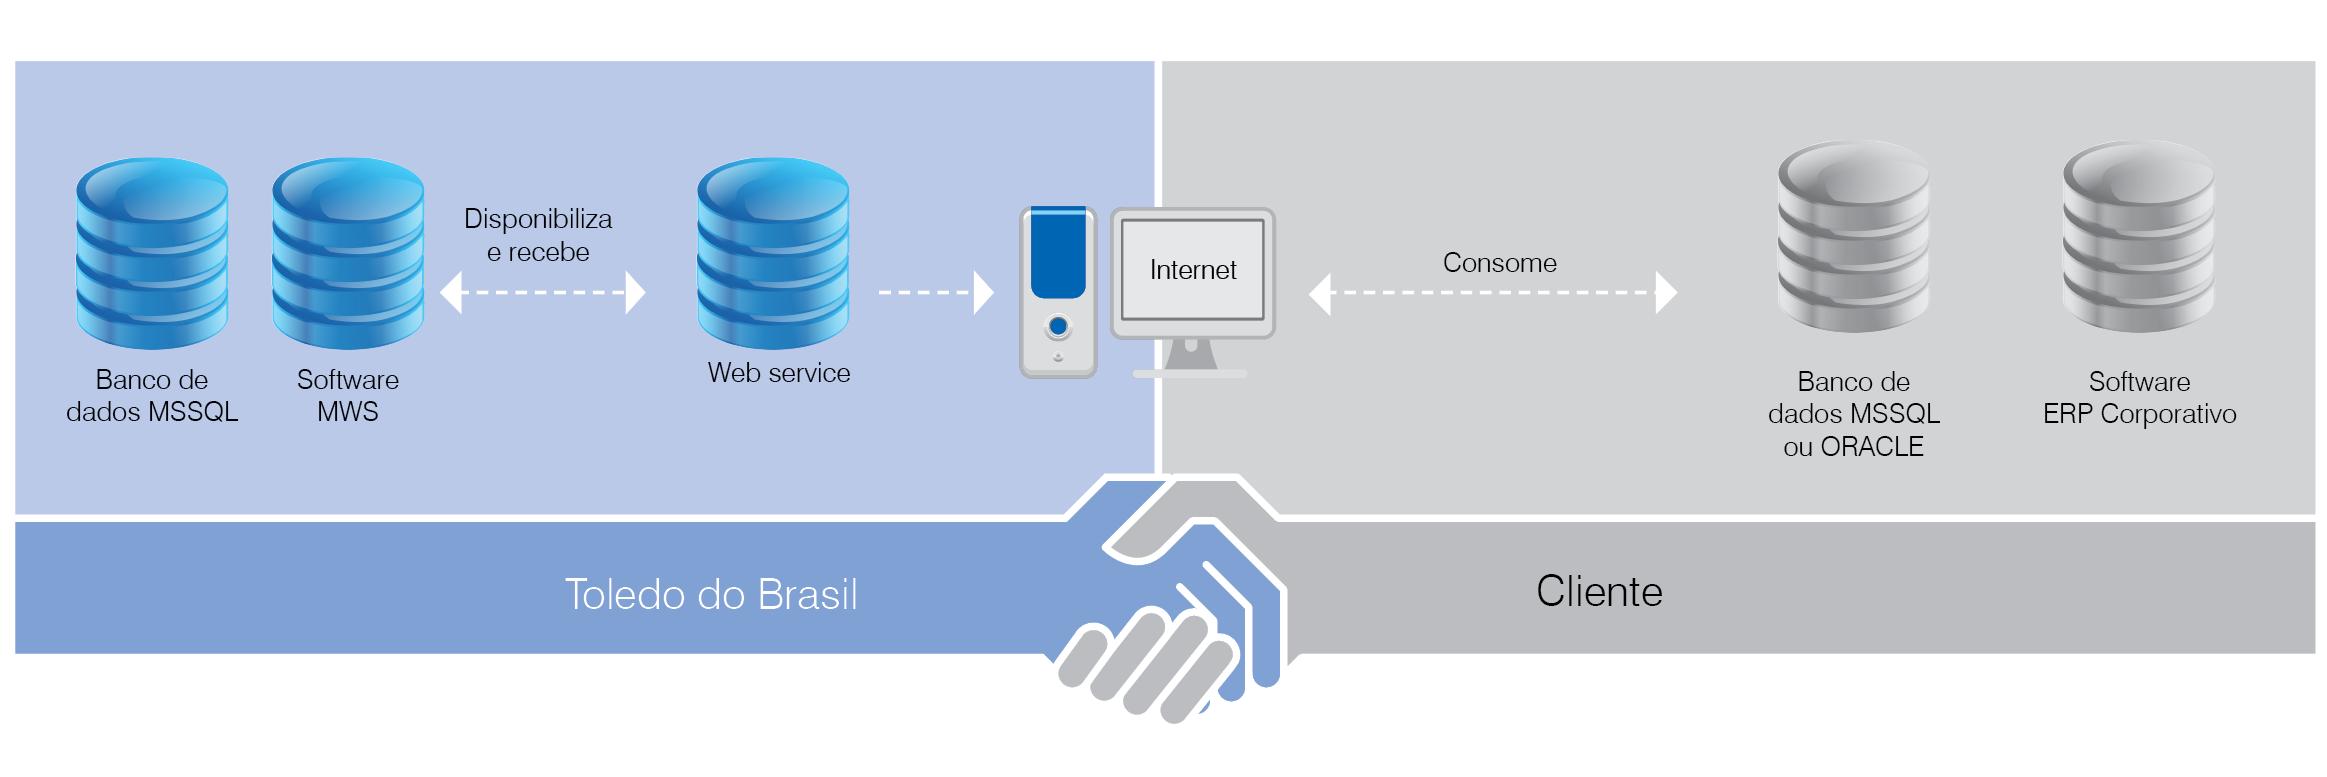 Disponibilização de dados via web service do MWS-Easy